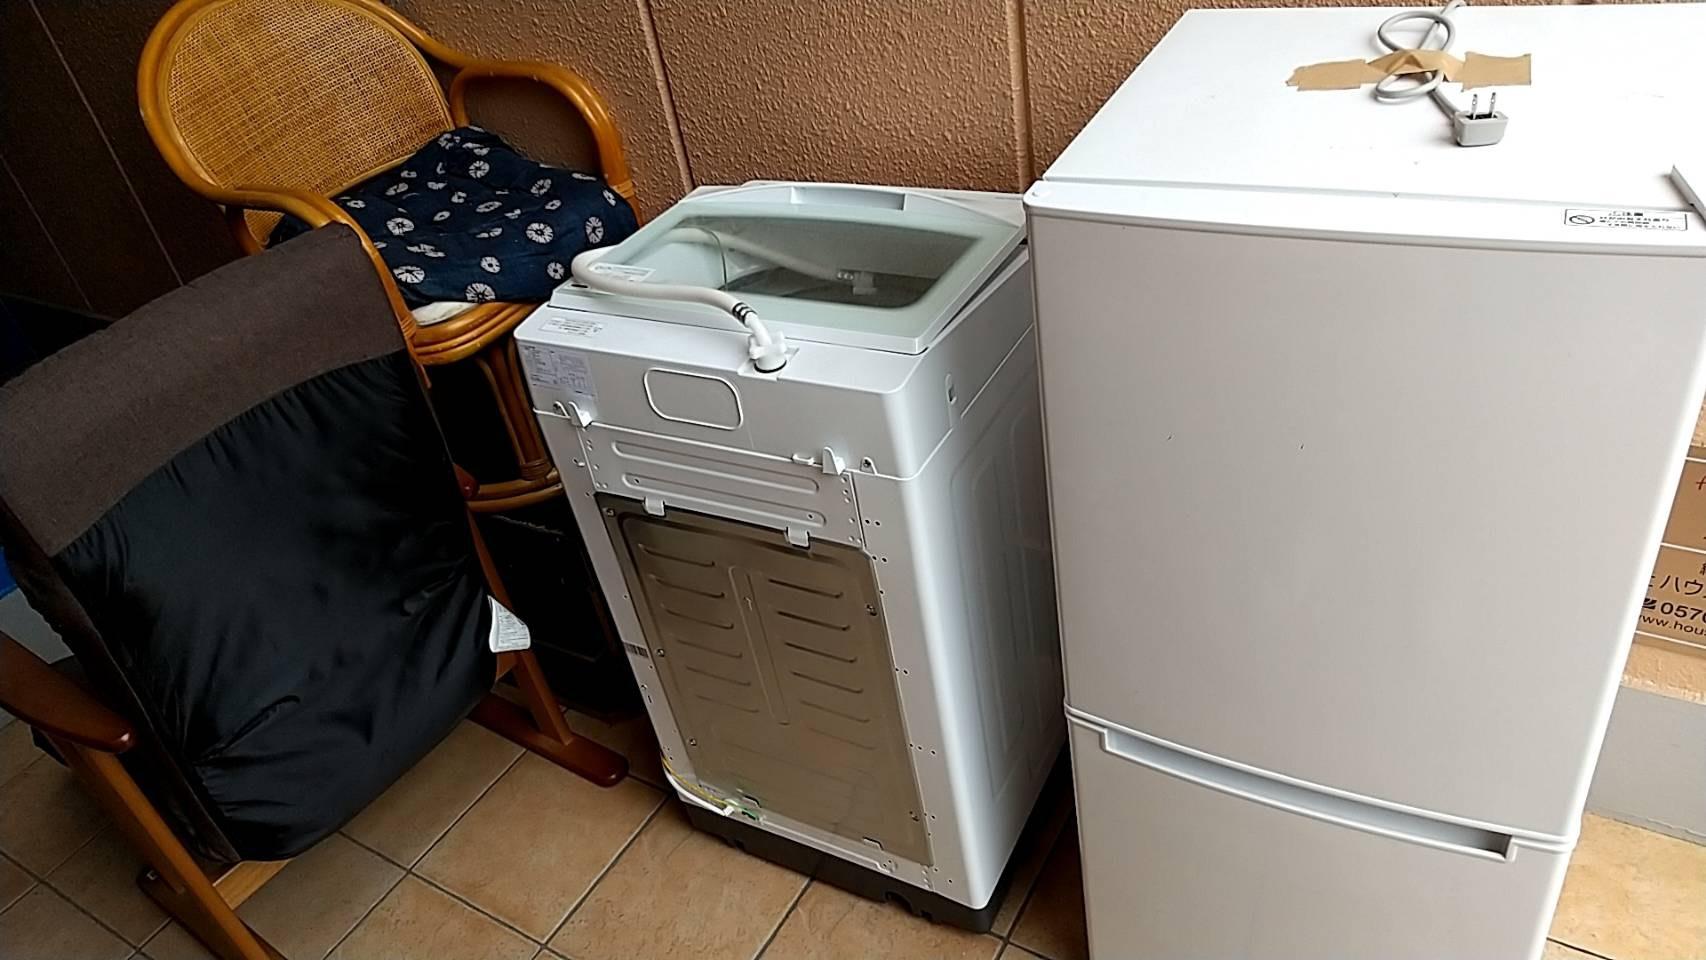 電子レンジ、冷蔵庫、椅子の回収前